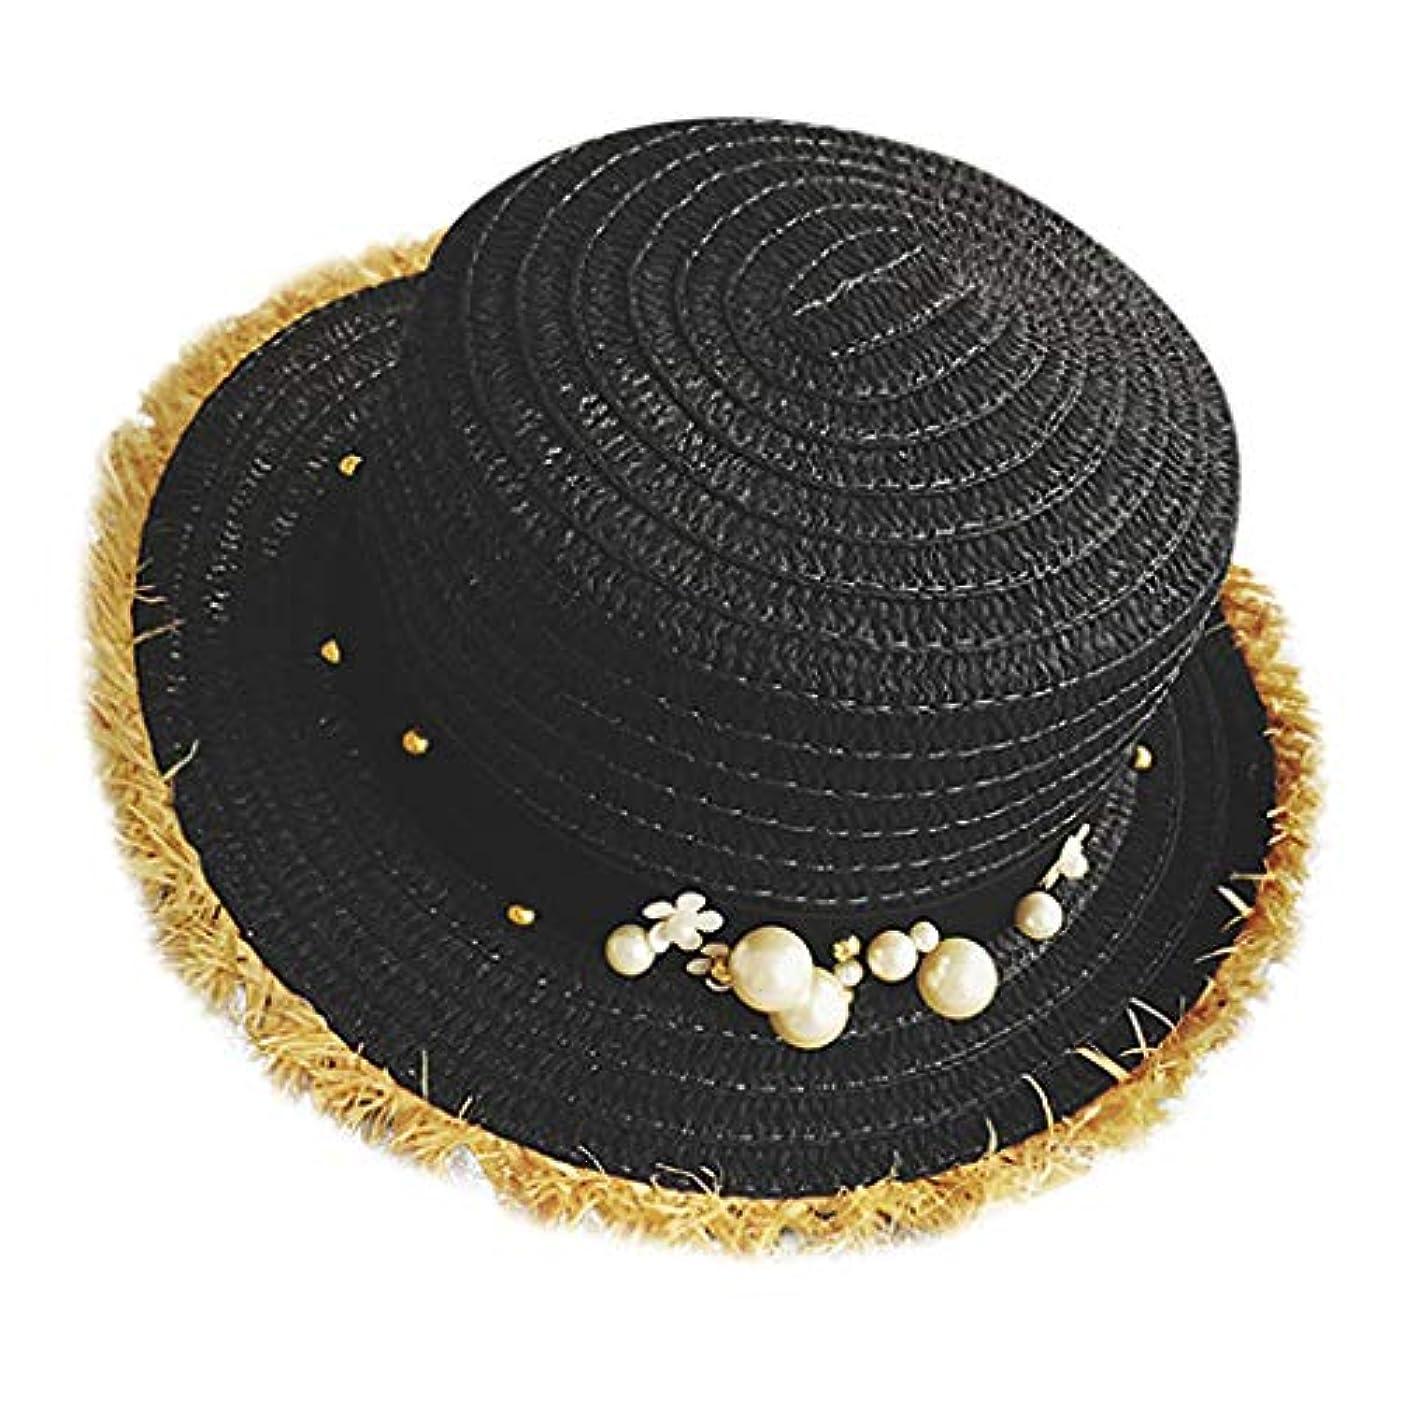 今後軍制限帽子 レディース UVカット 帽子 麦わら帽子 UV帽子 紫外線対策 通気性 漁師の帽子 ニット帽 マニュアル 真珠 太陽 キャップ 余暇 休暇 キャップ レディース ハンチング帽 大きいサイズ 発送 ROSE ROMAN